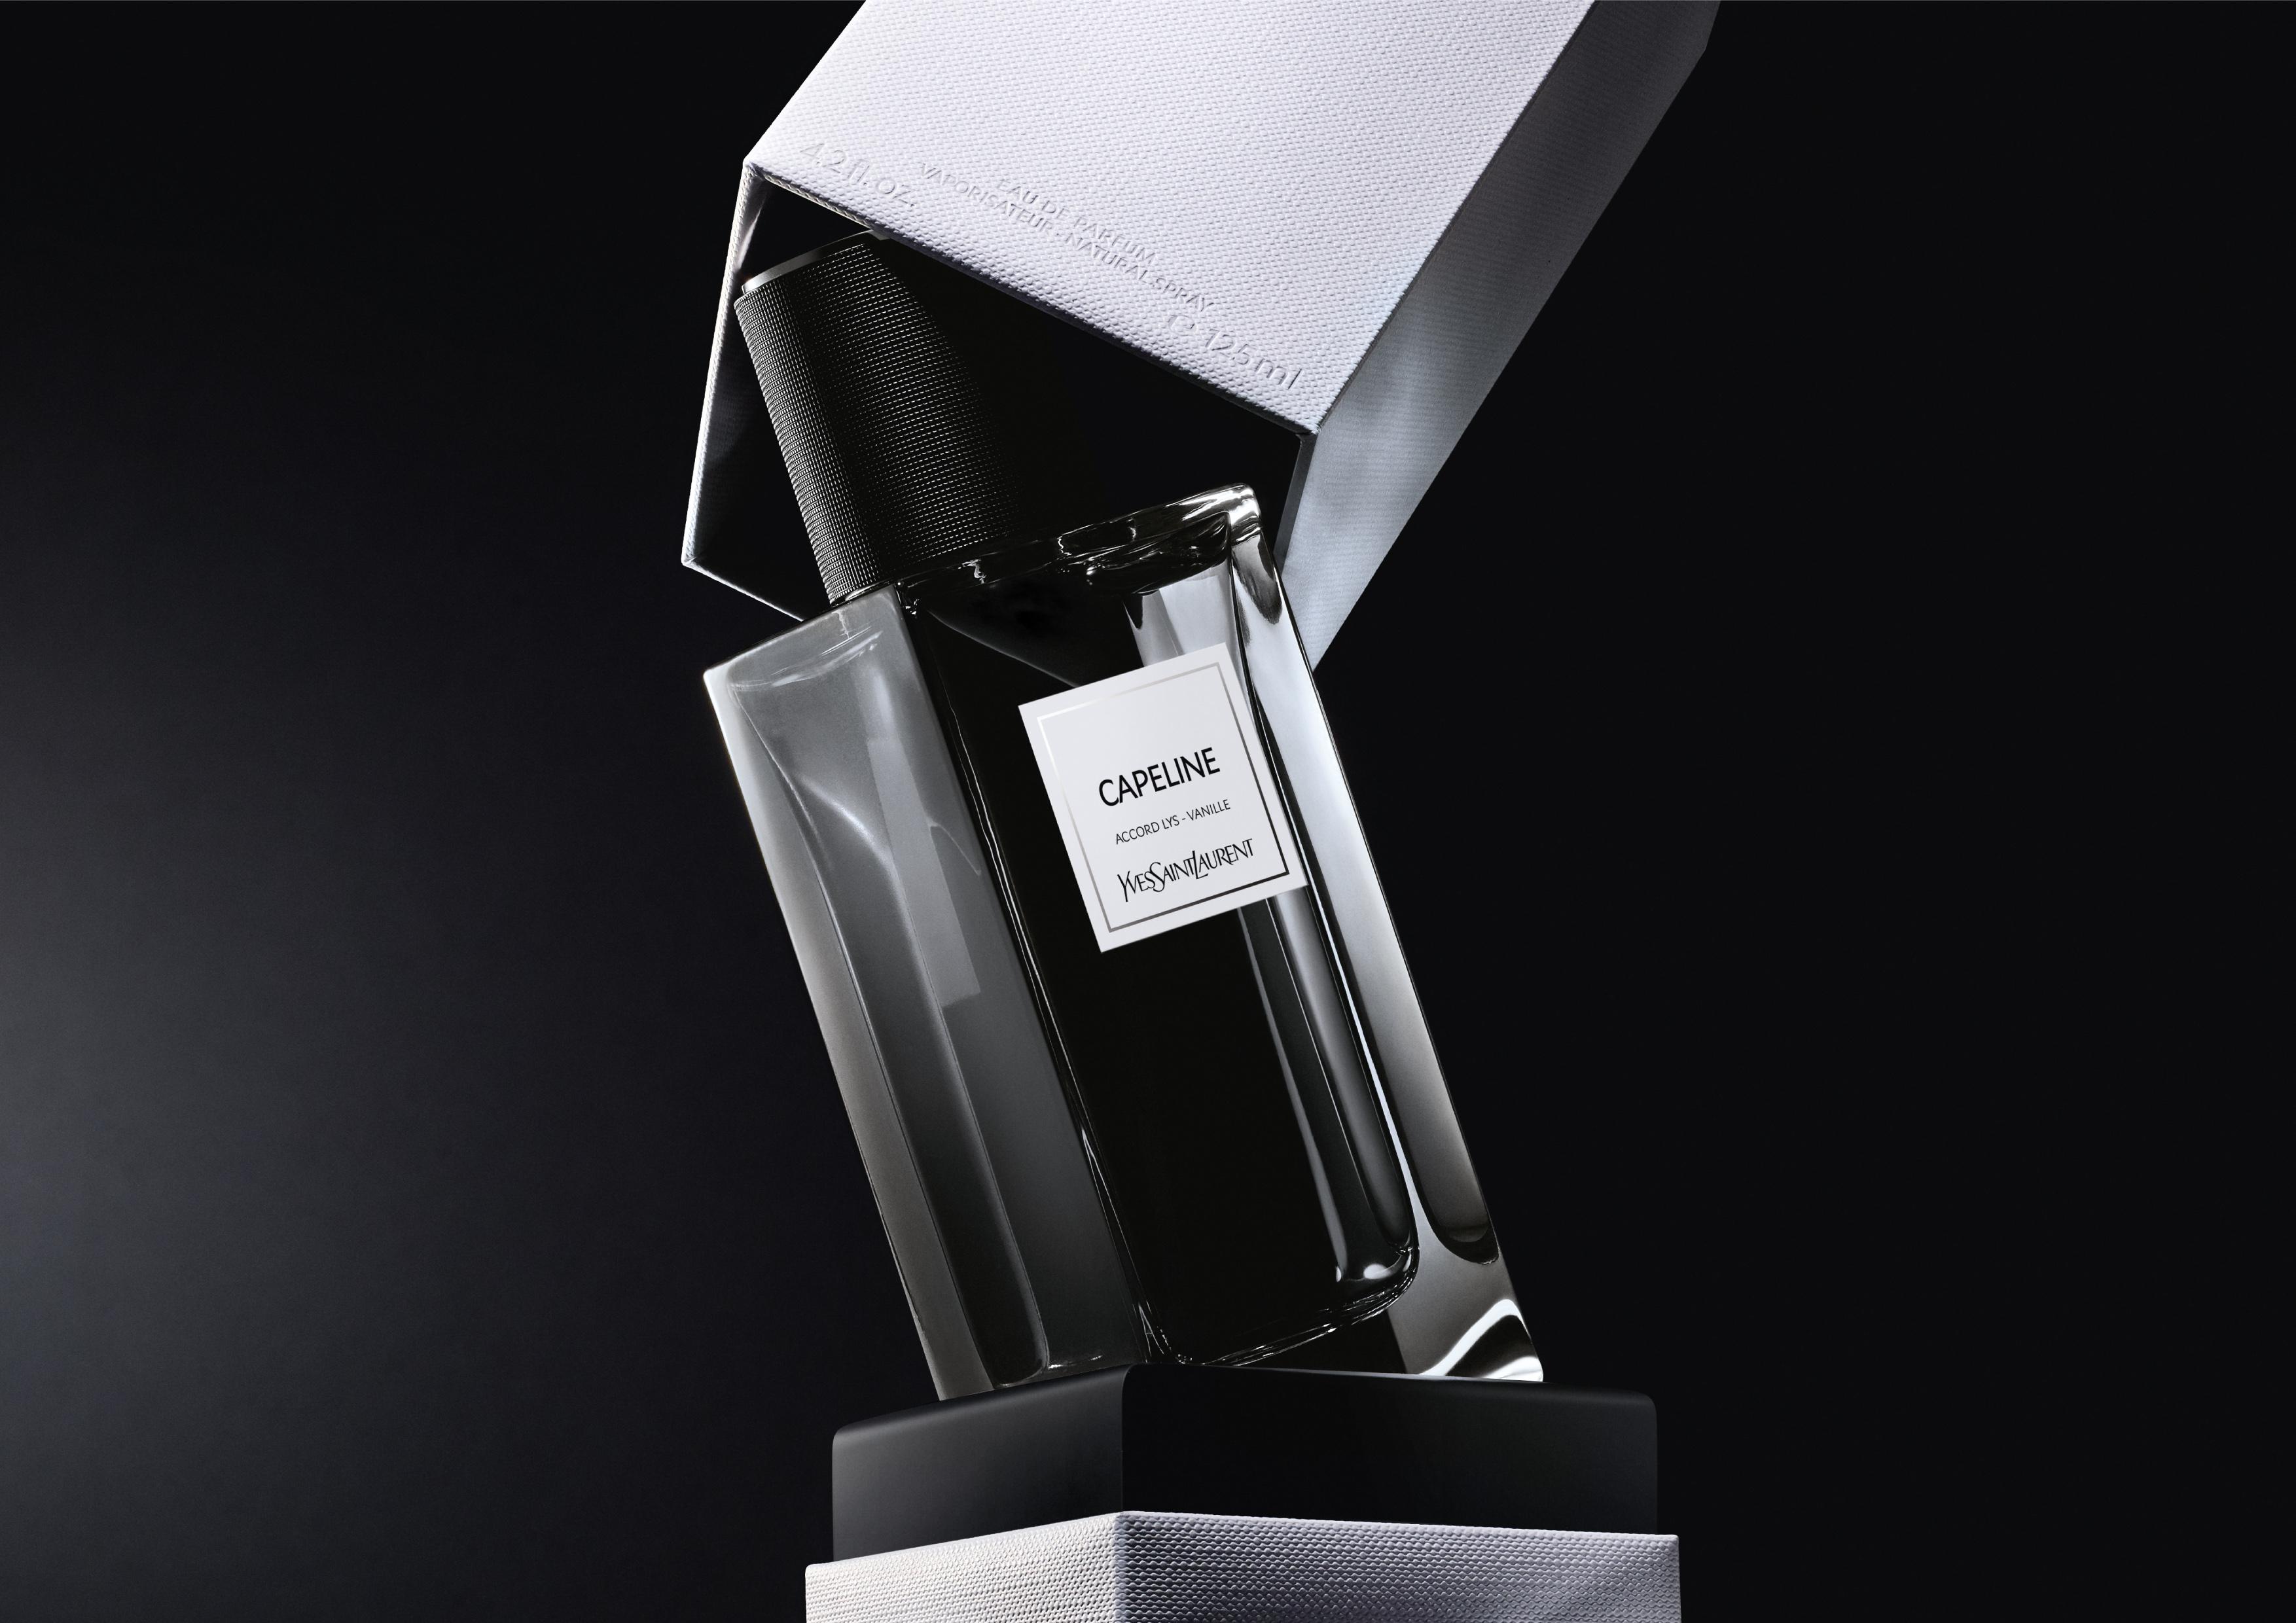 contemporain lvp capeline horizontal ysl - Yves Saint Laurent presenta  dos nuevas fragancias :  CAPELINE y JUMPSUIT